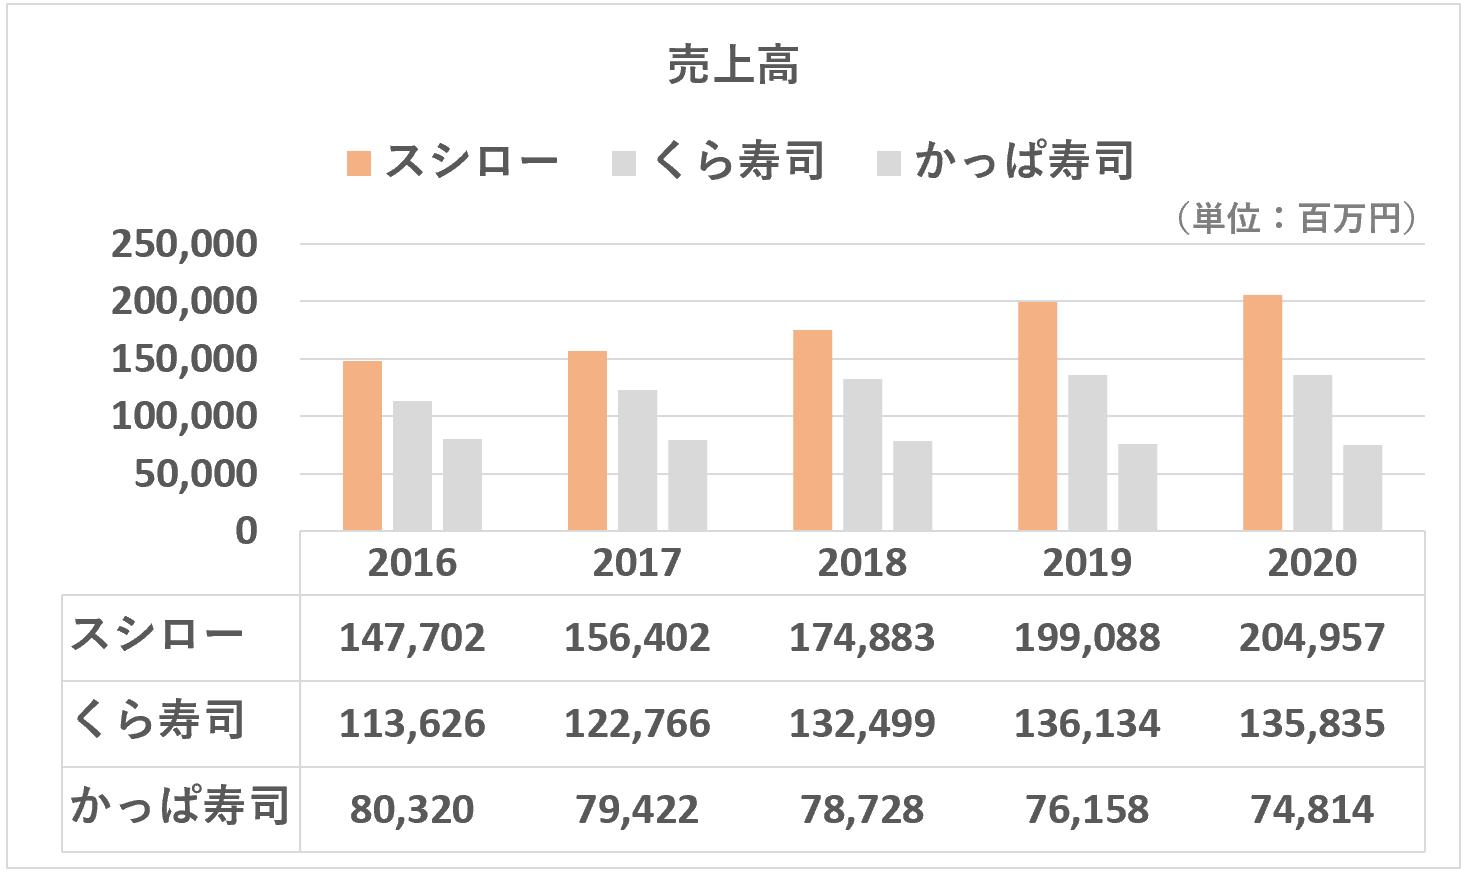 スシロー:売上高の推移